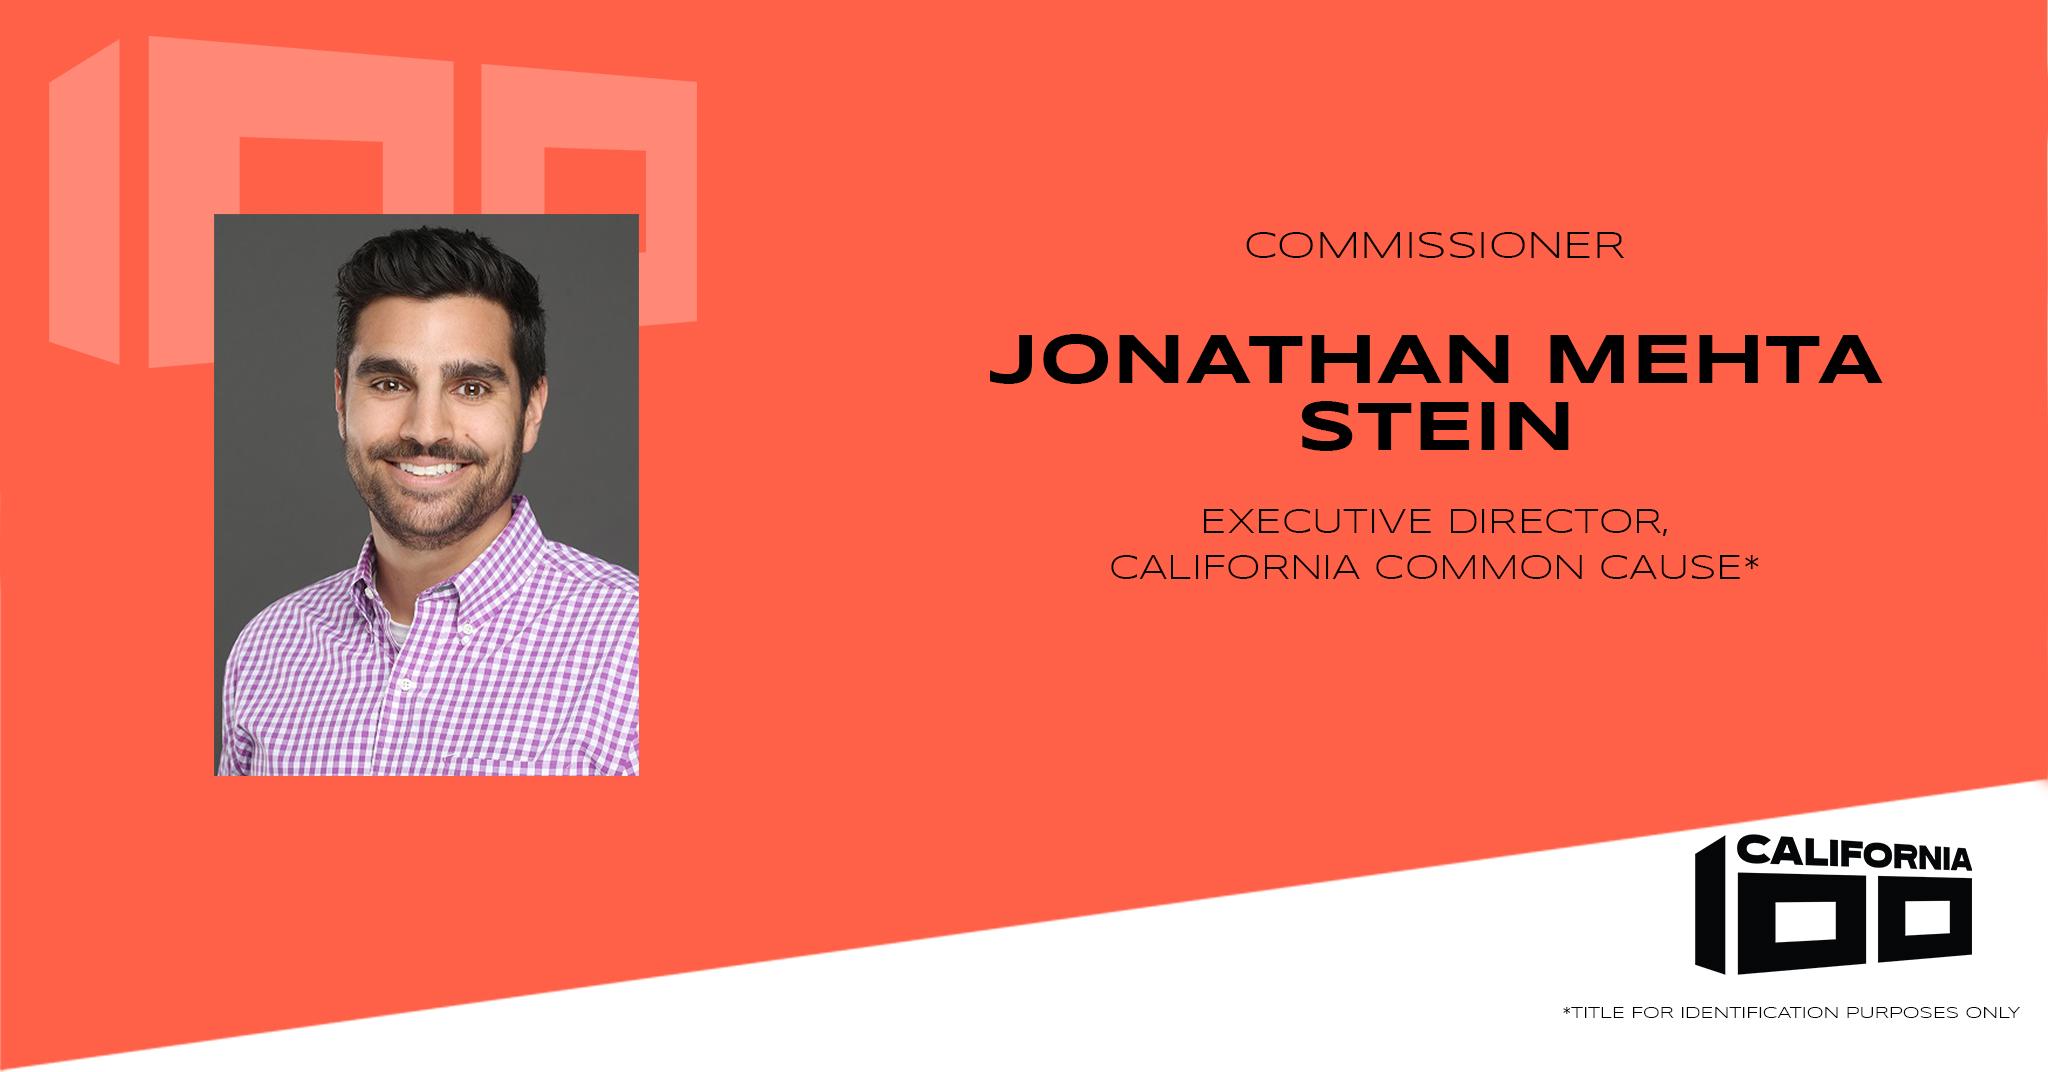 Jonathan Mehta Stein